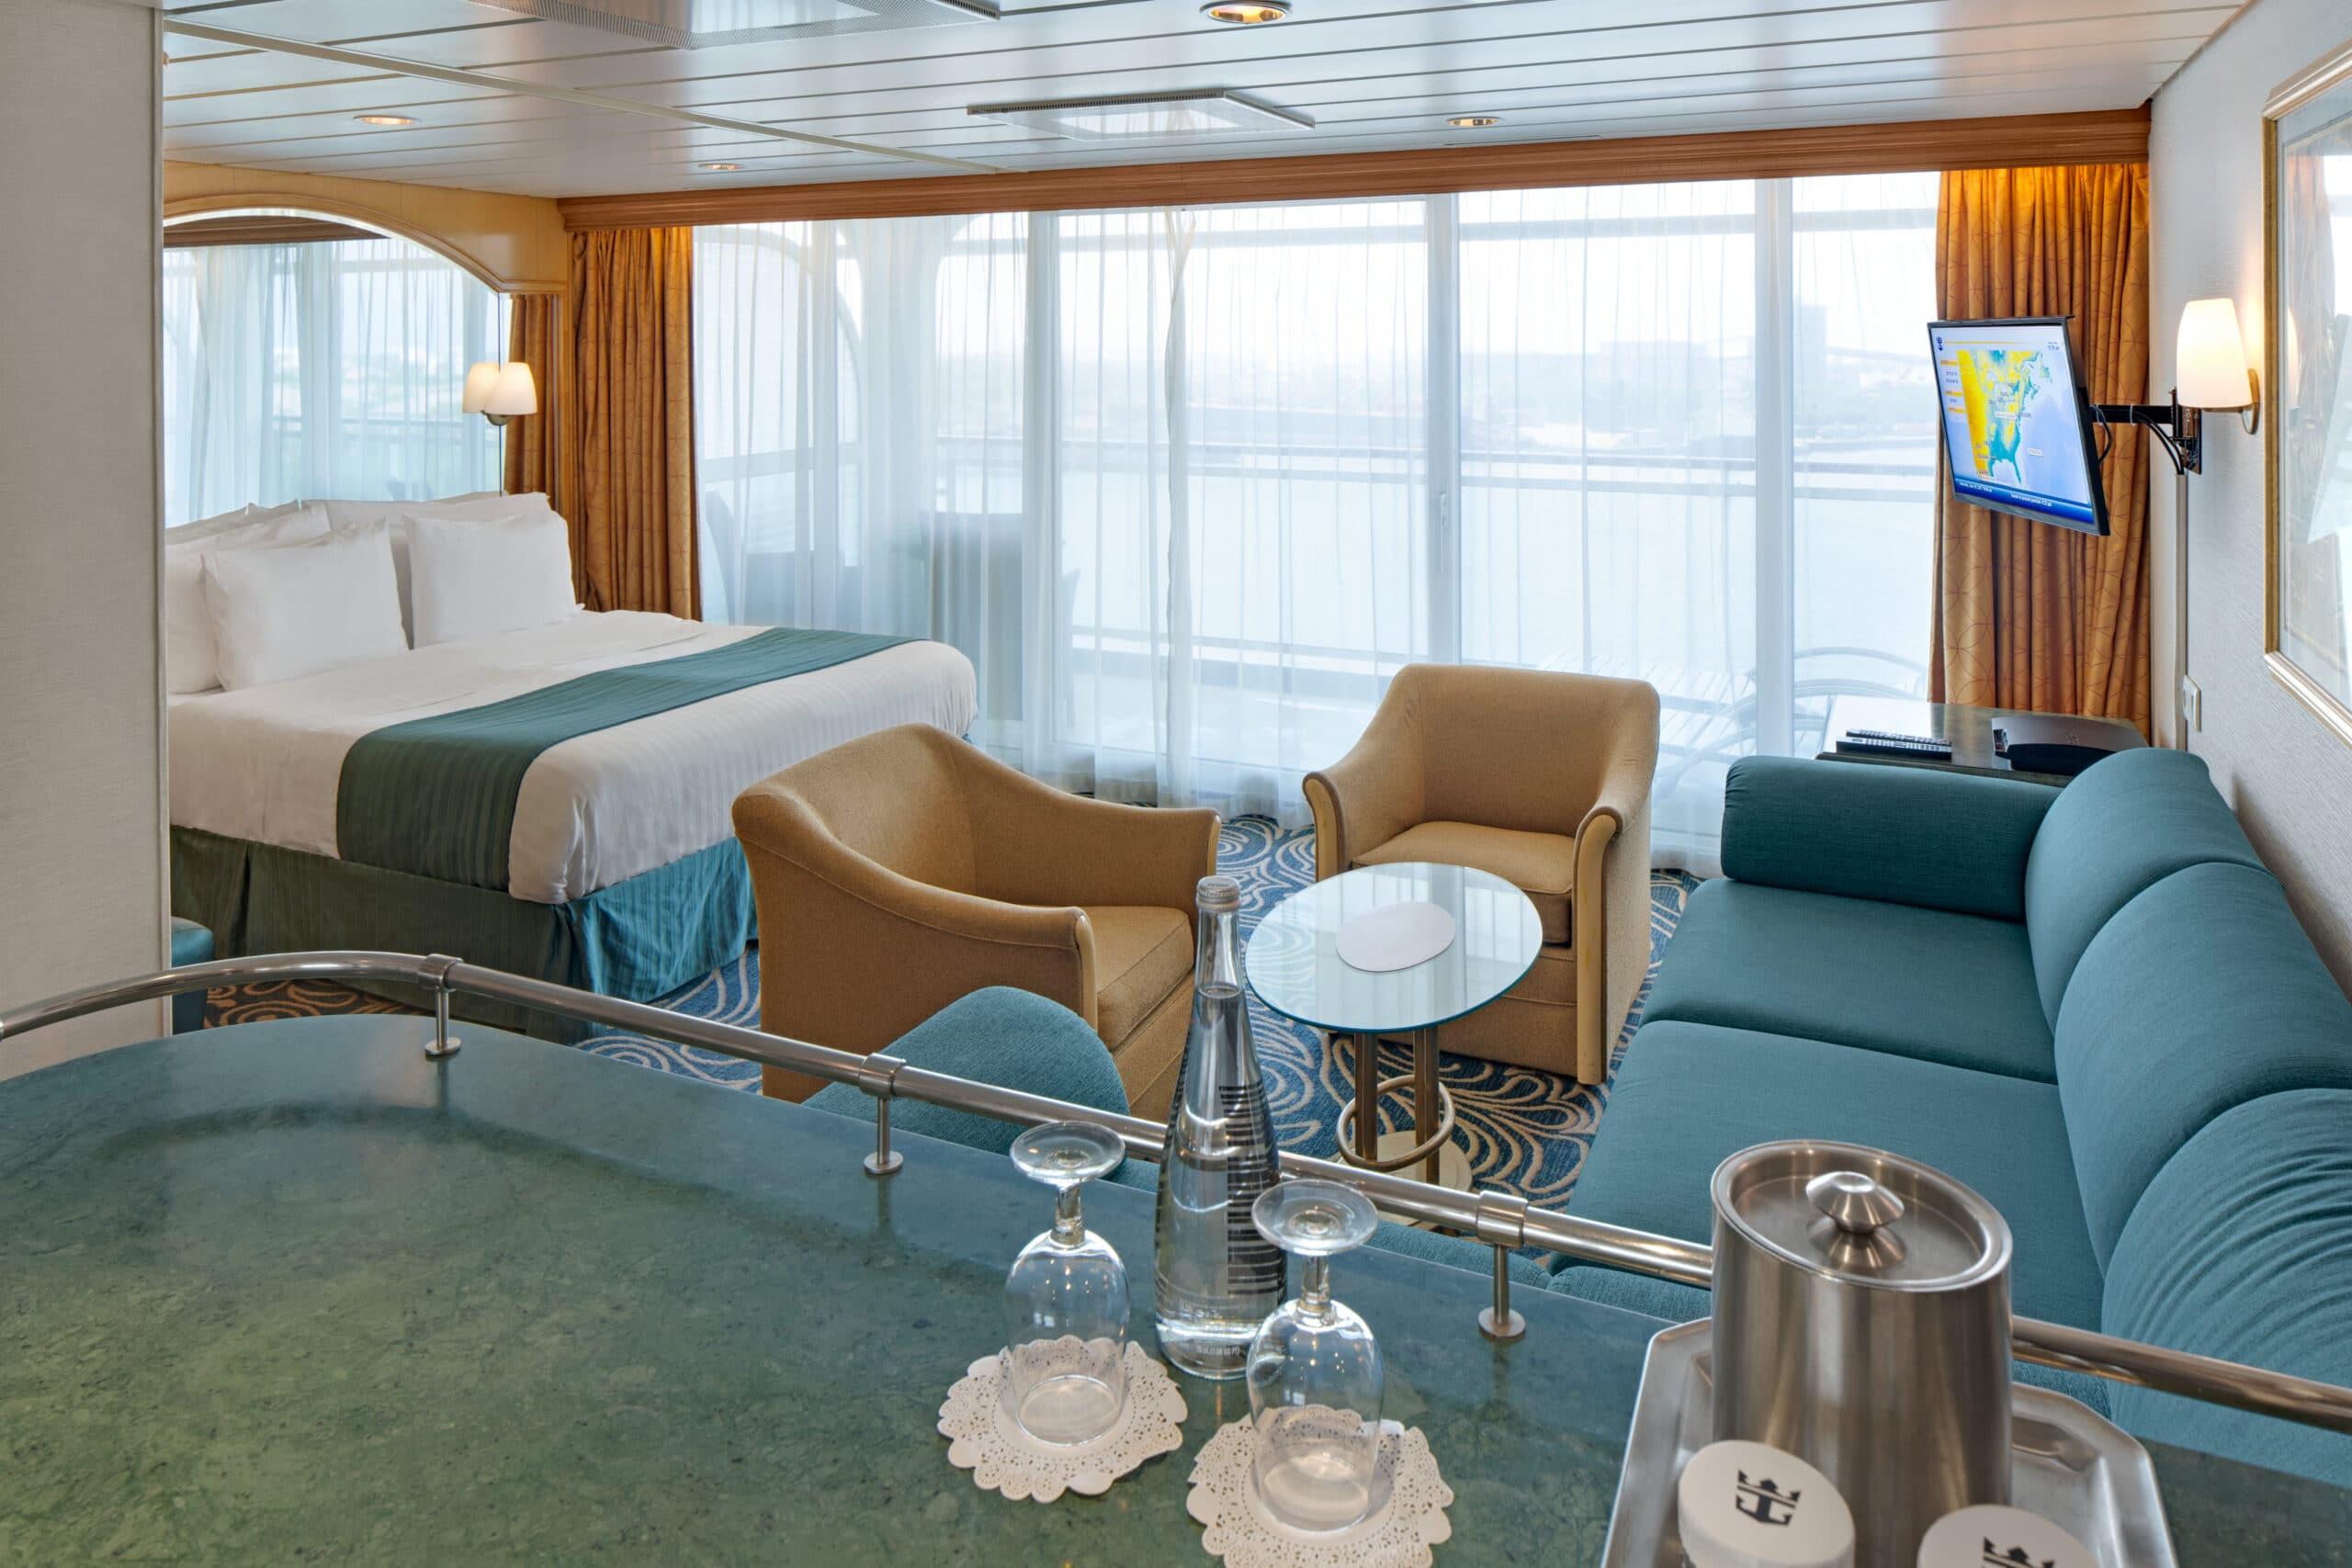 Royal-Caribbean-International-Rhapsody-of-the-Seas-schip-cruiseschip-categorie-GS-Grand-Suite